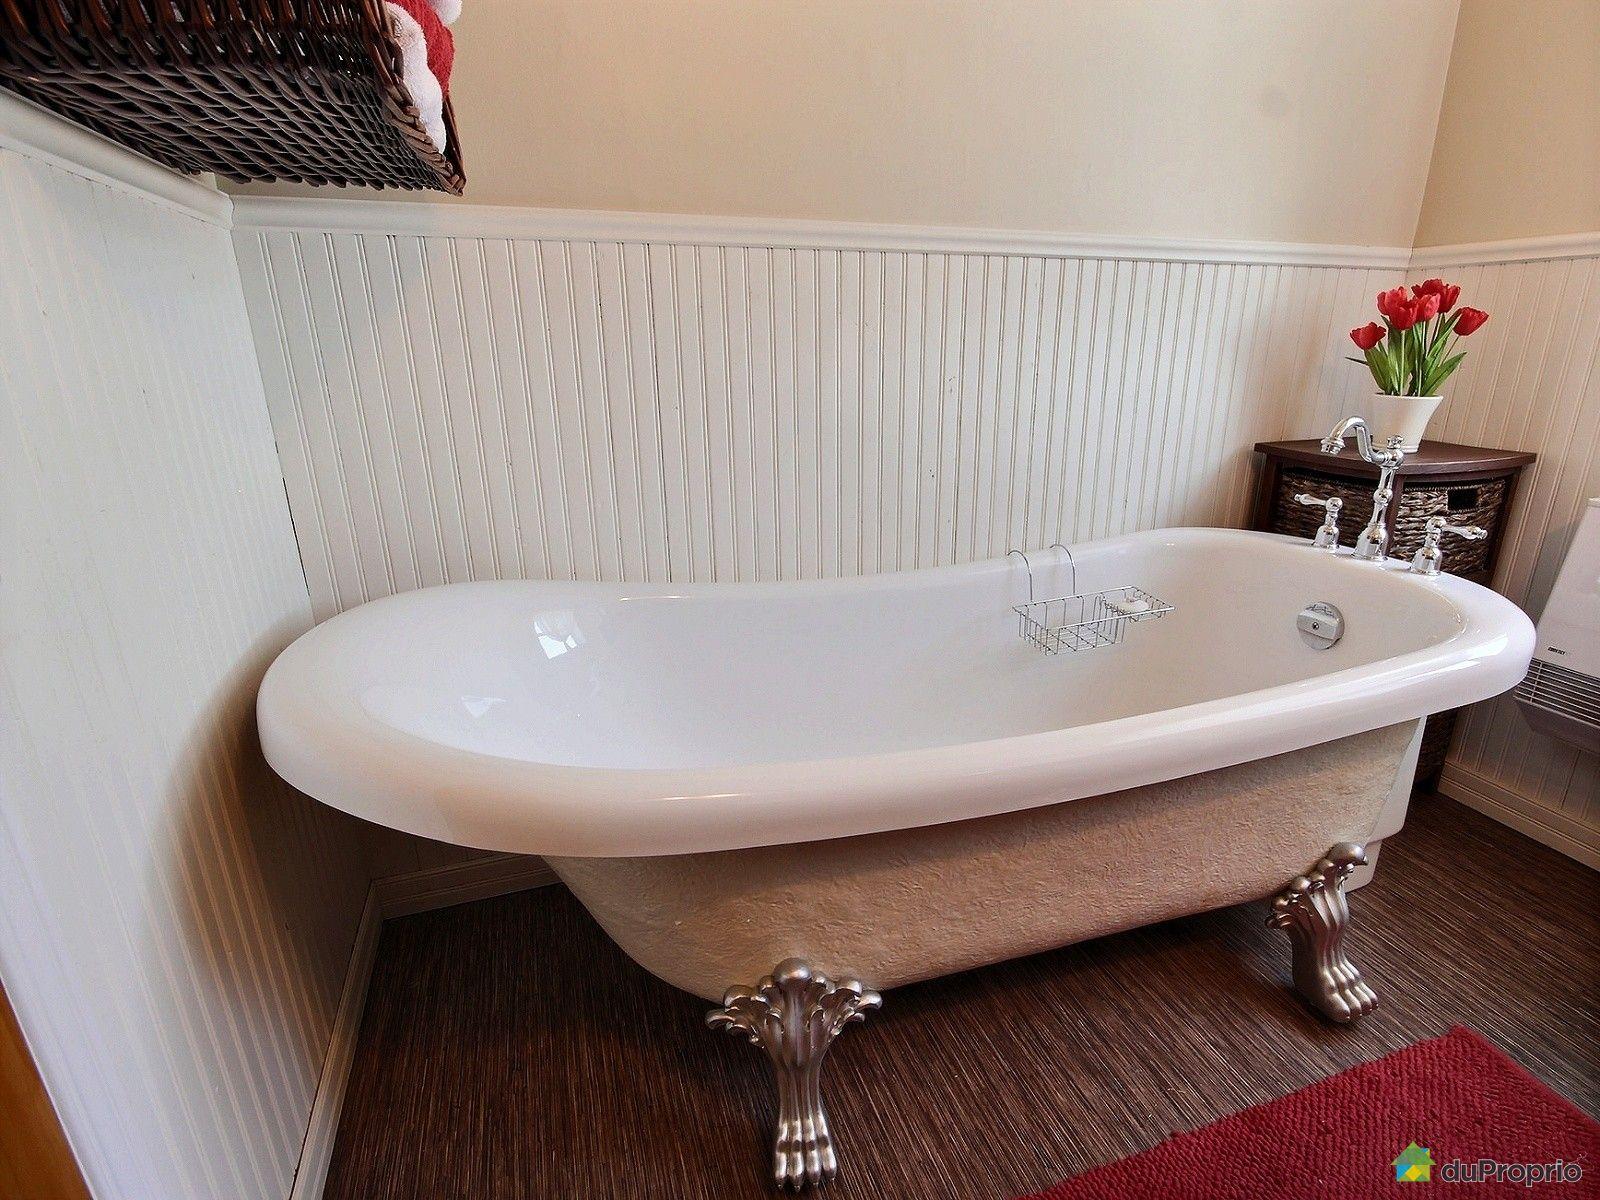 salle de bain commune en anglais 20170919125330. Black Bedroom Furniture Sets. Home Design Ideas